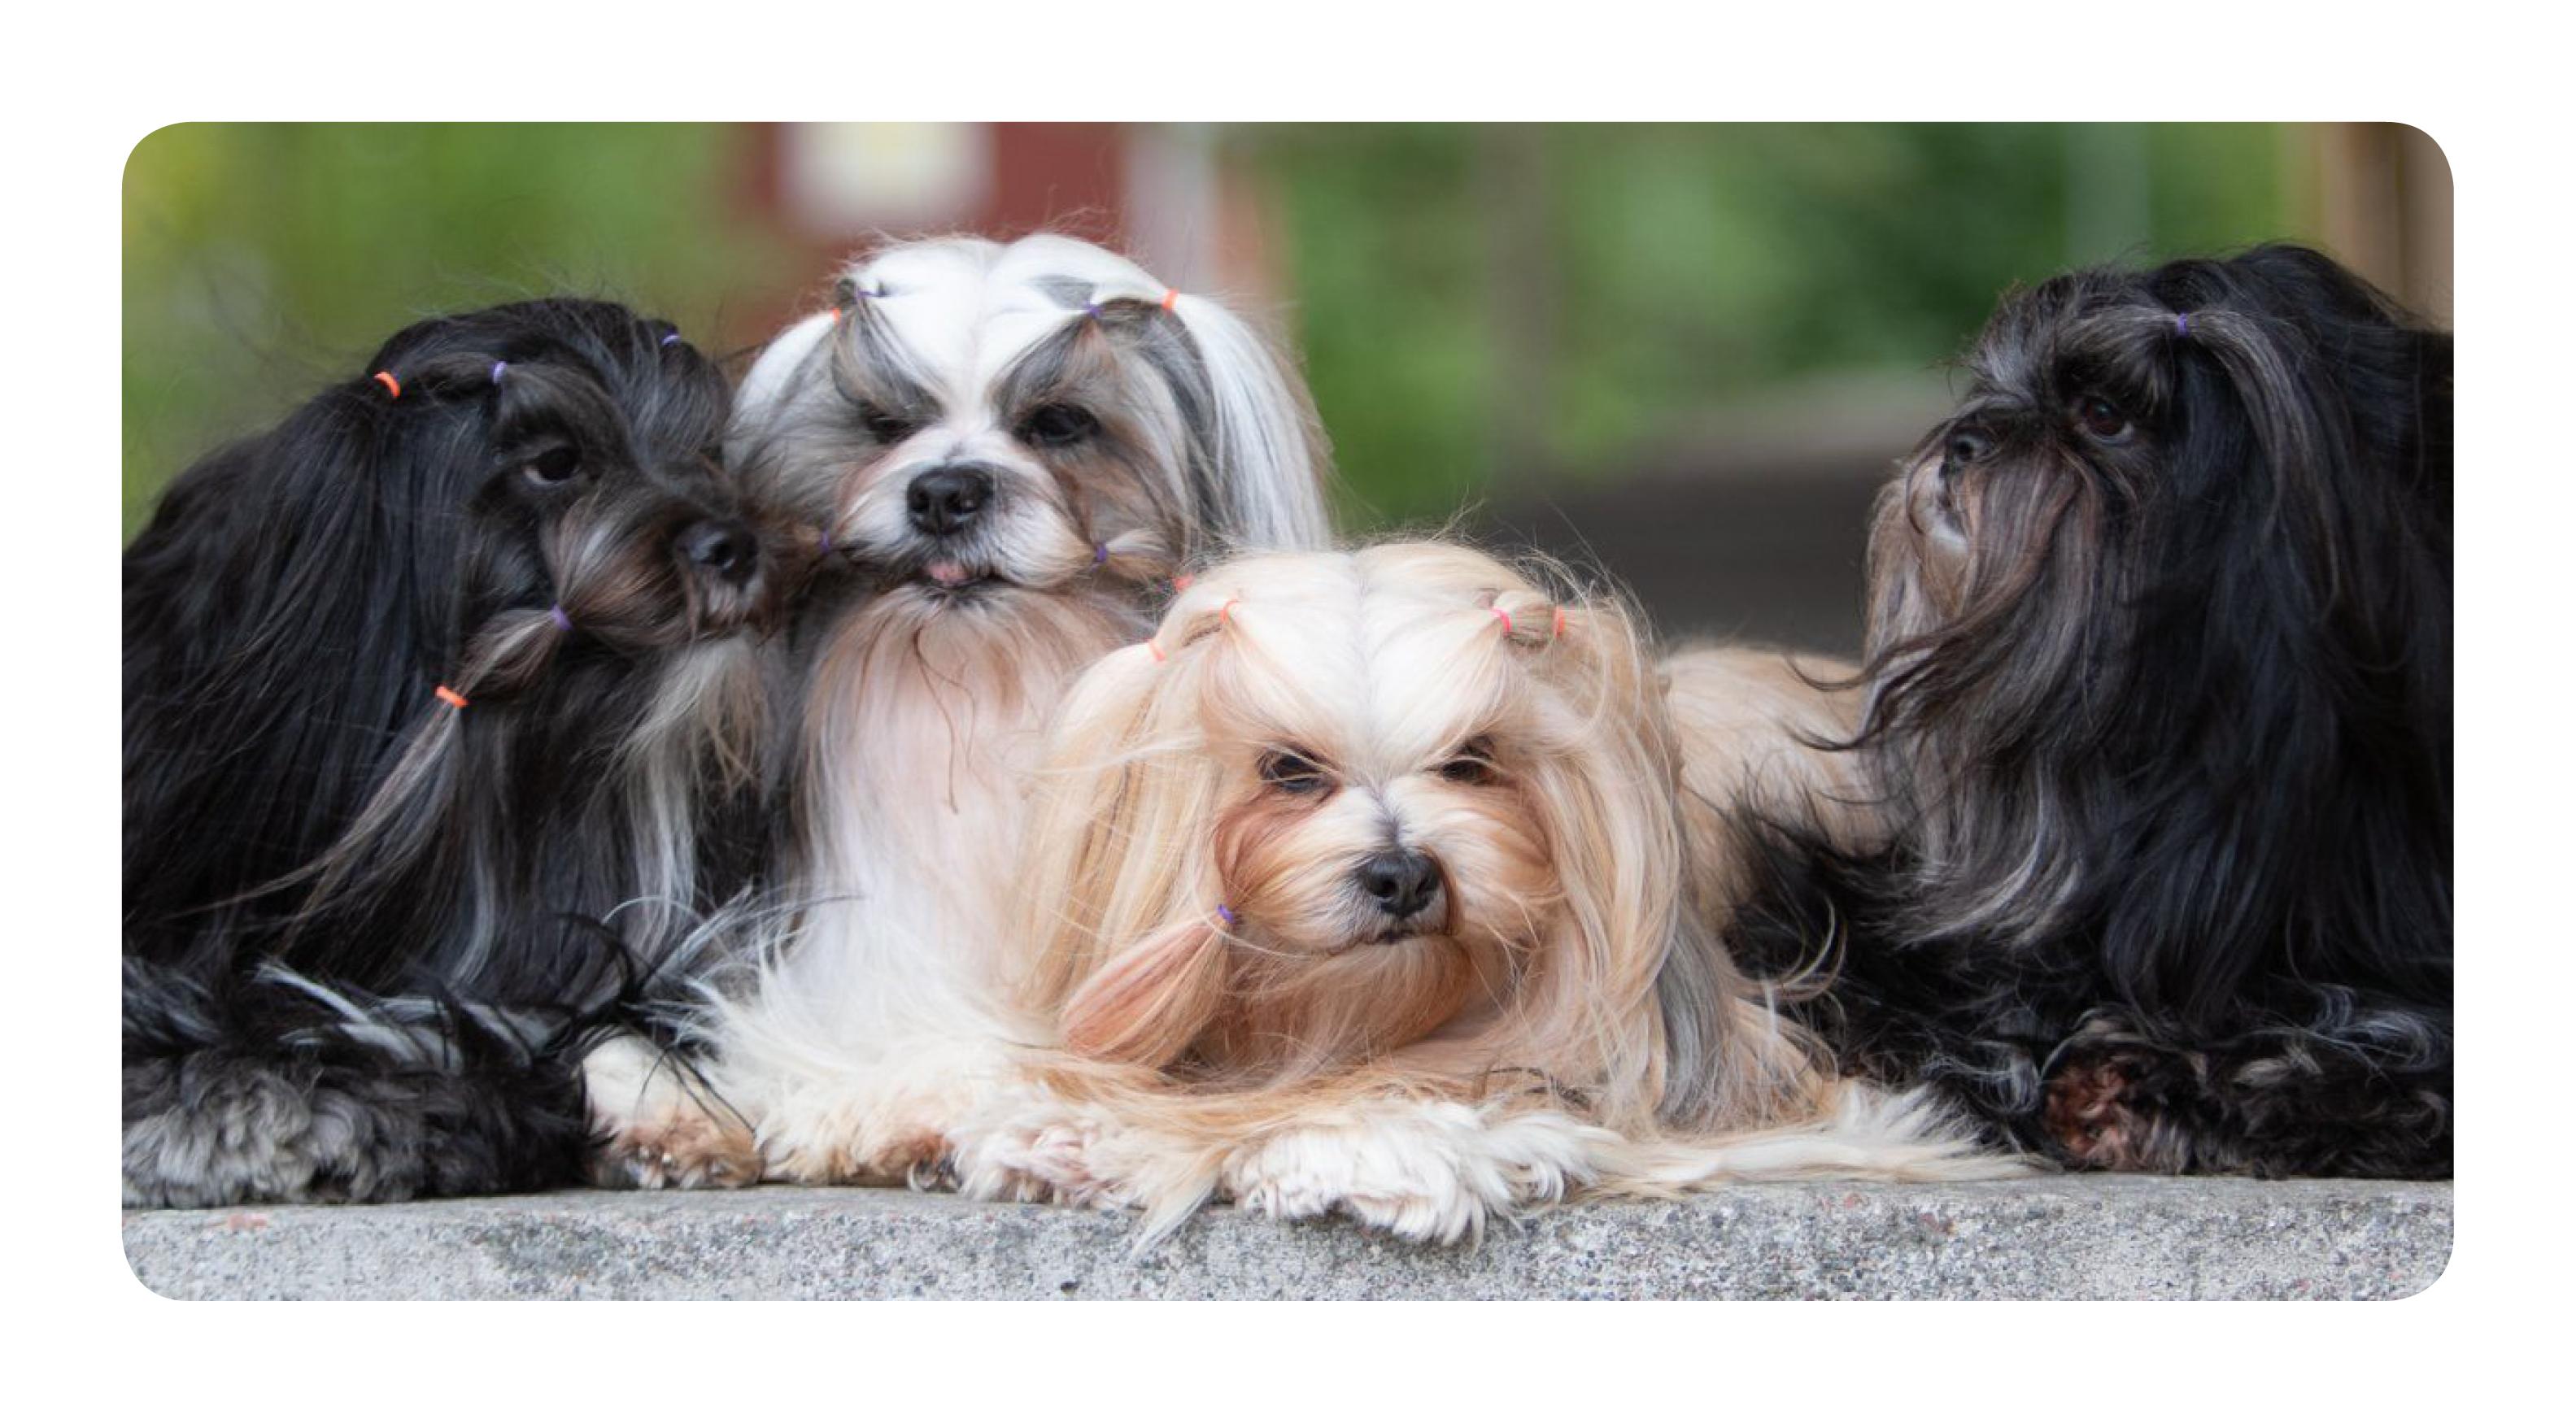 Koirien ikä on kasvatuksessa tärkeimpiä työvälineitä – koirien kuolema voi kertoa niin paljon